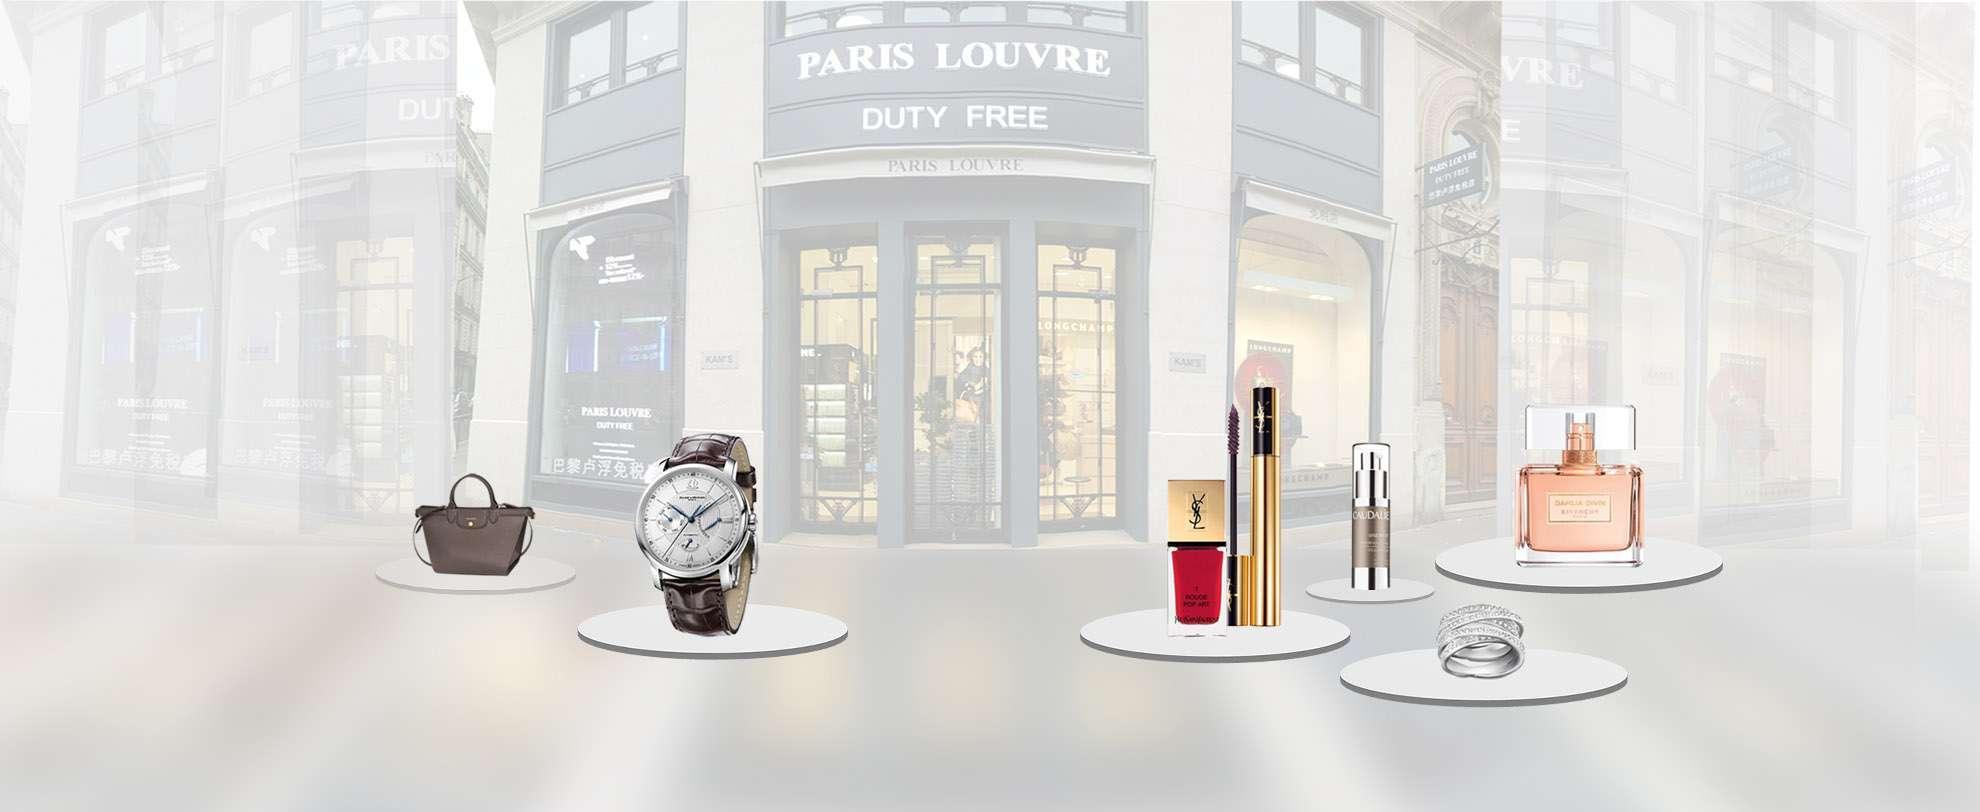 巴黎卢浮免税店